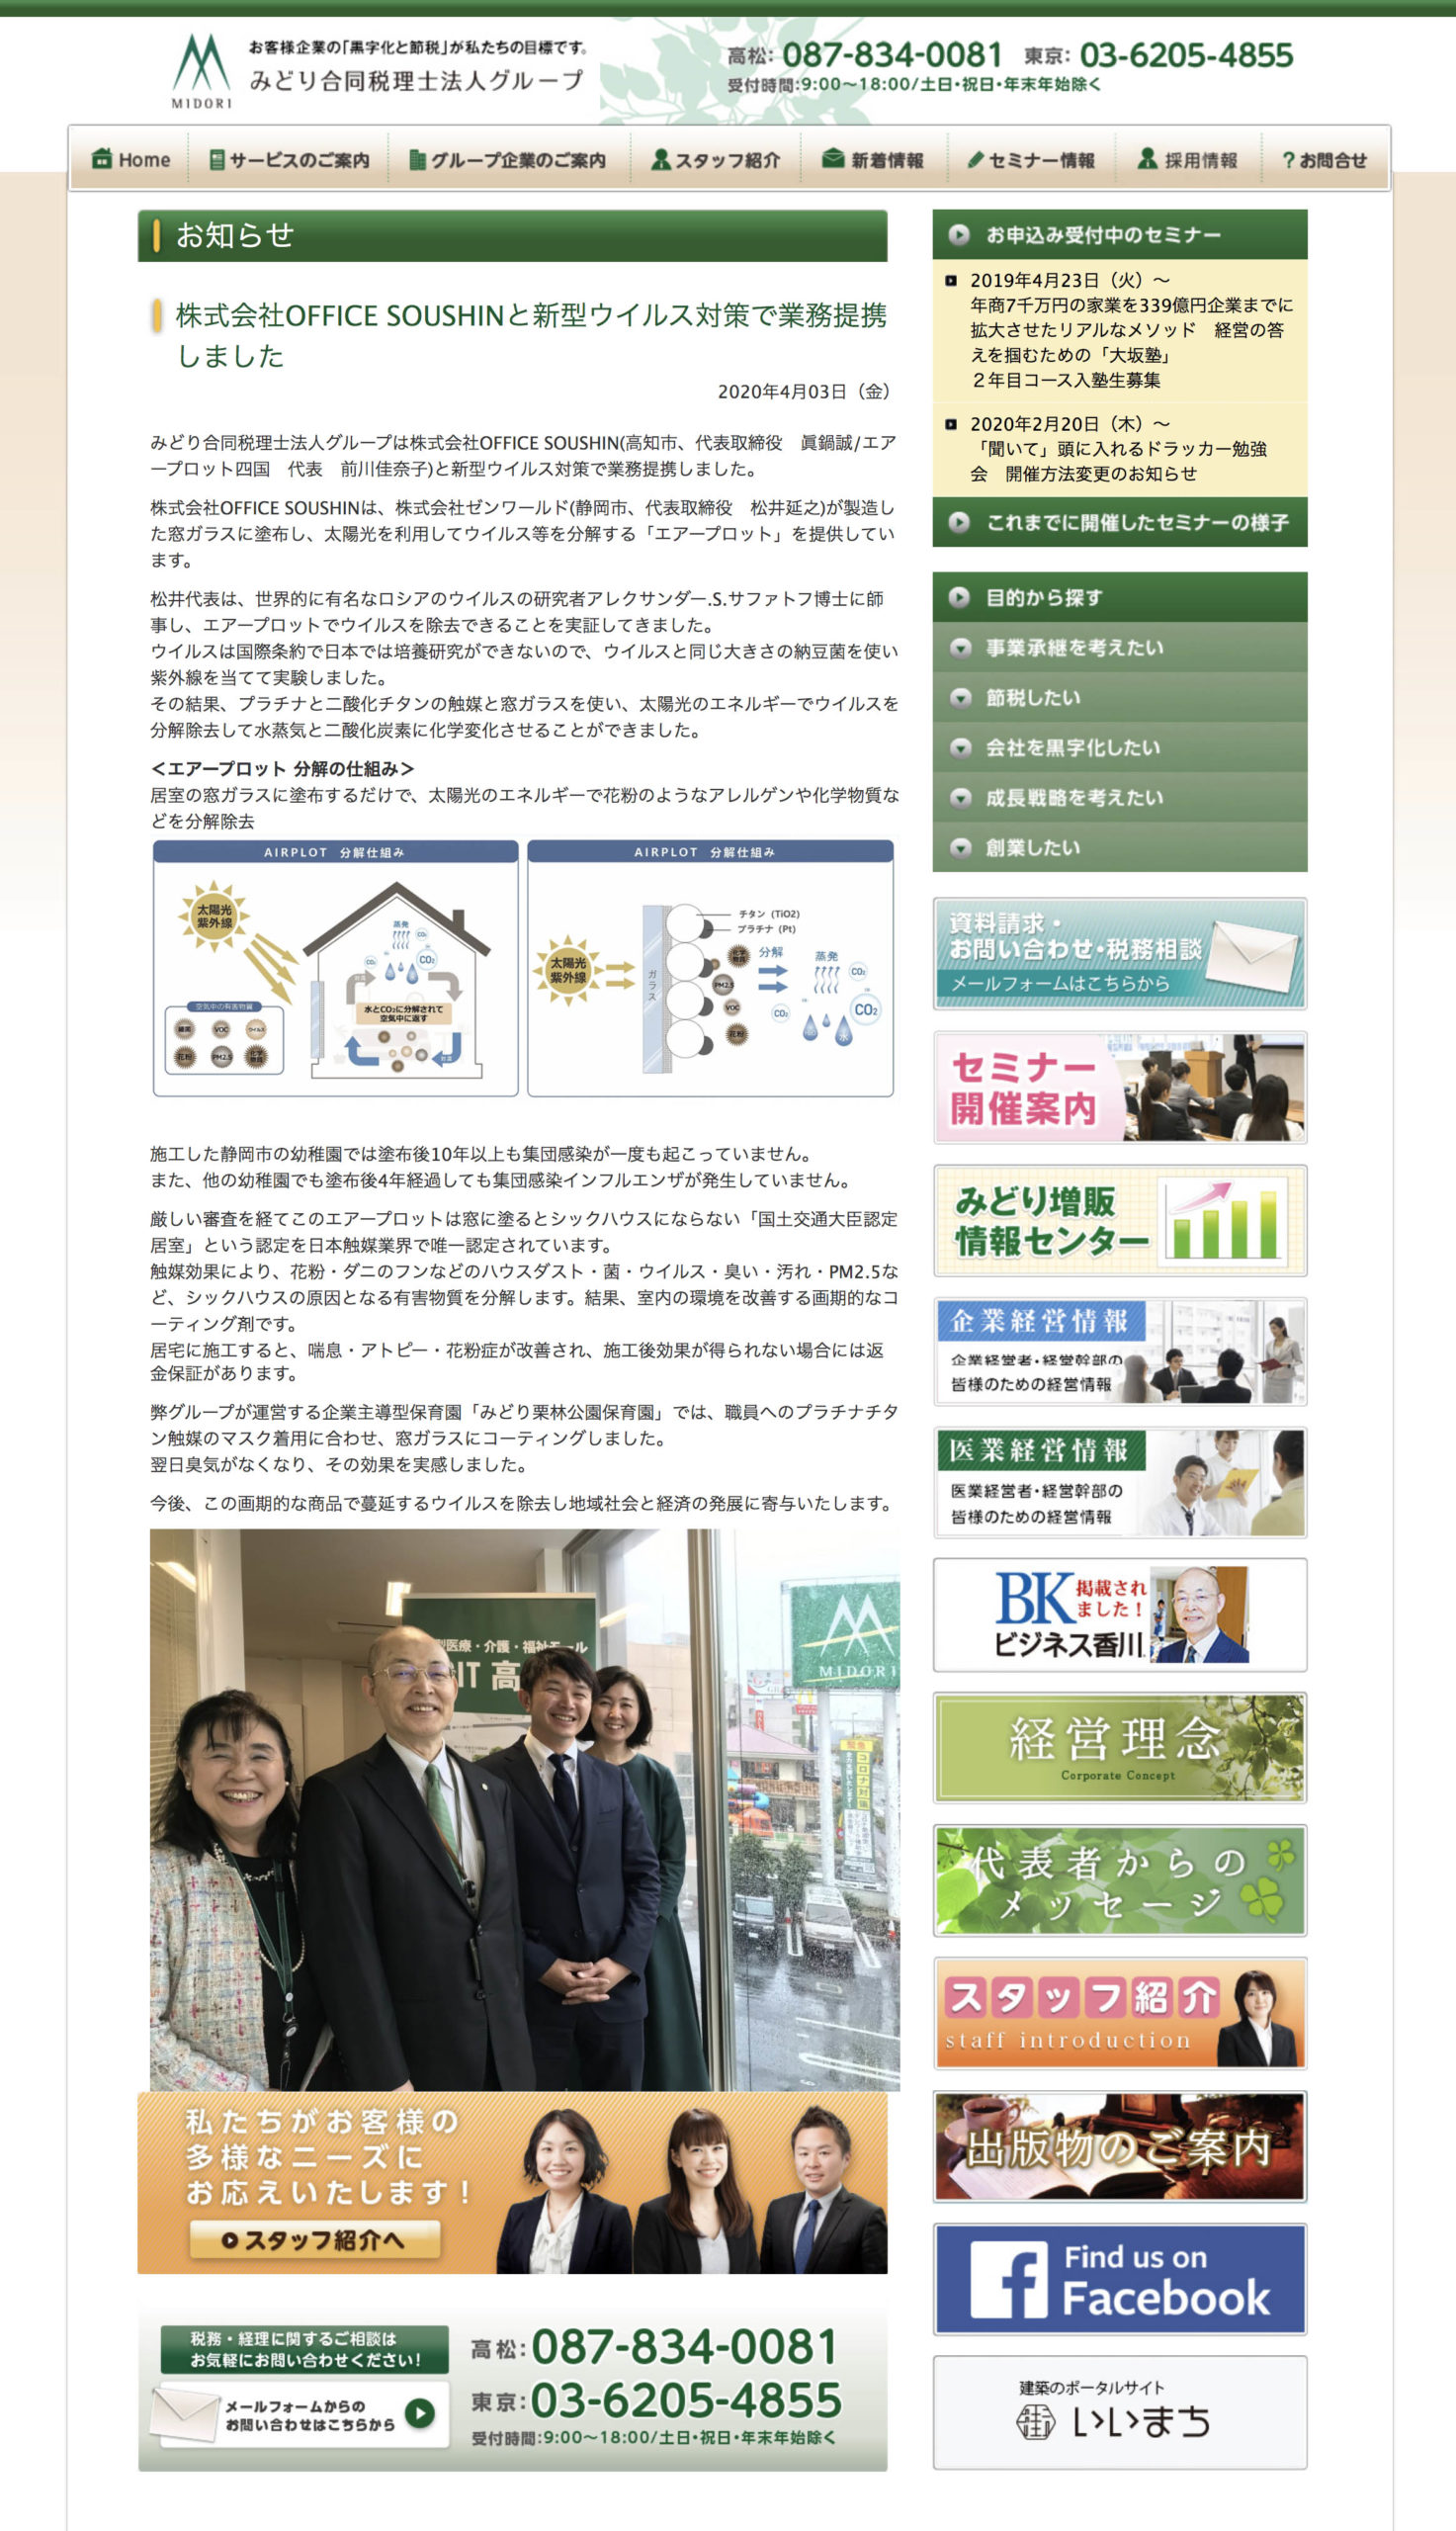 エアープロット四国|AIRPLOT|新型ウイルス対策